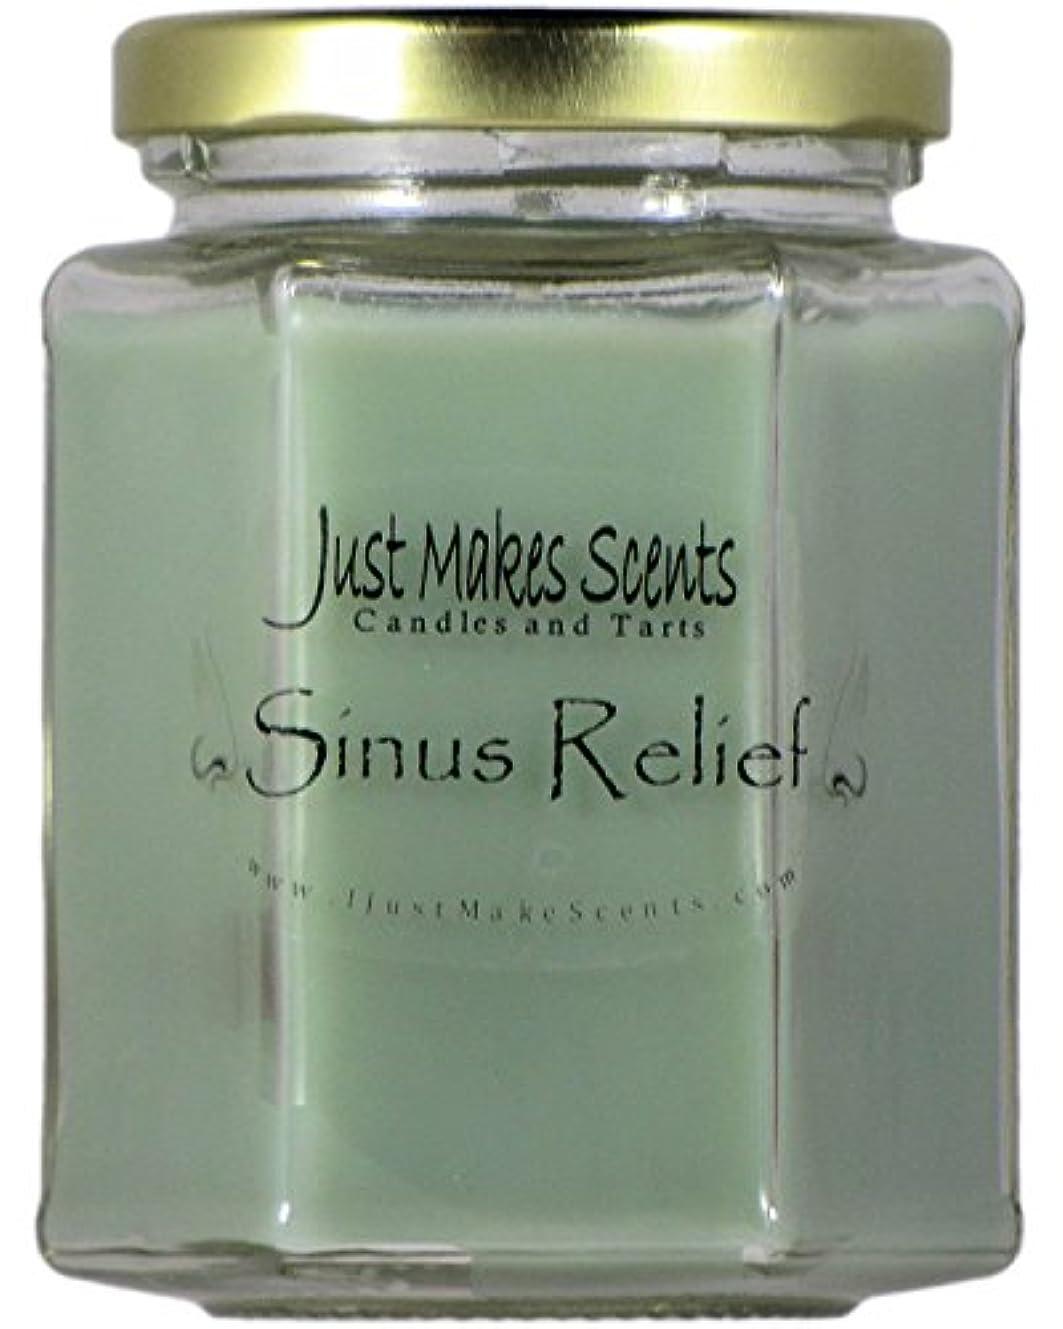 怪物うめきカウントアップSinus Relief ( Vicks Vapor Rubタイプ)香りつきBlended Soy Candle by Just Makes Scents ( 8オンス)